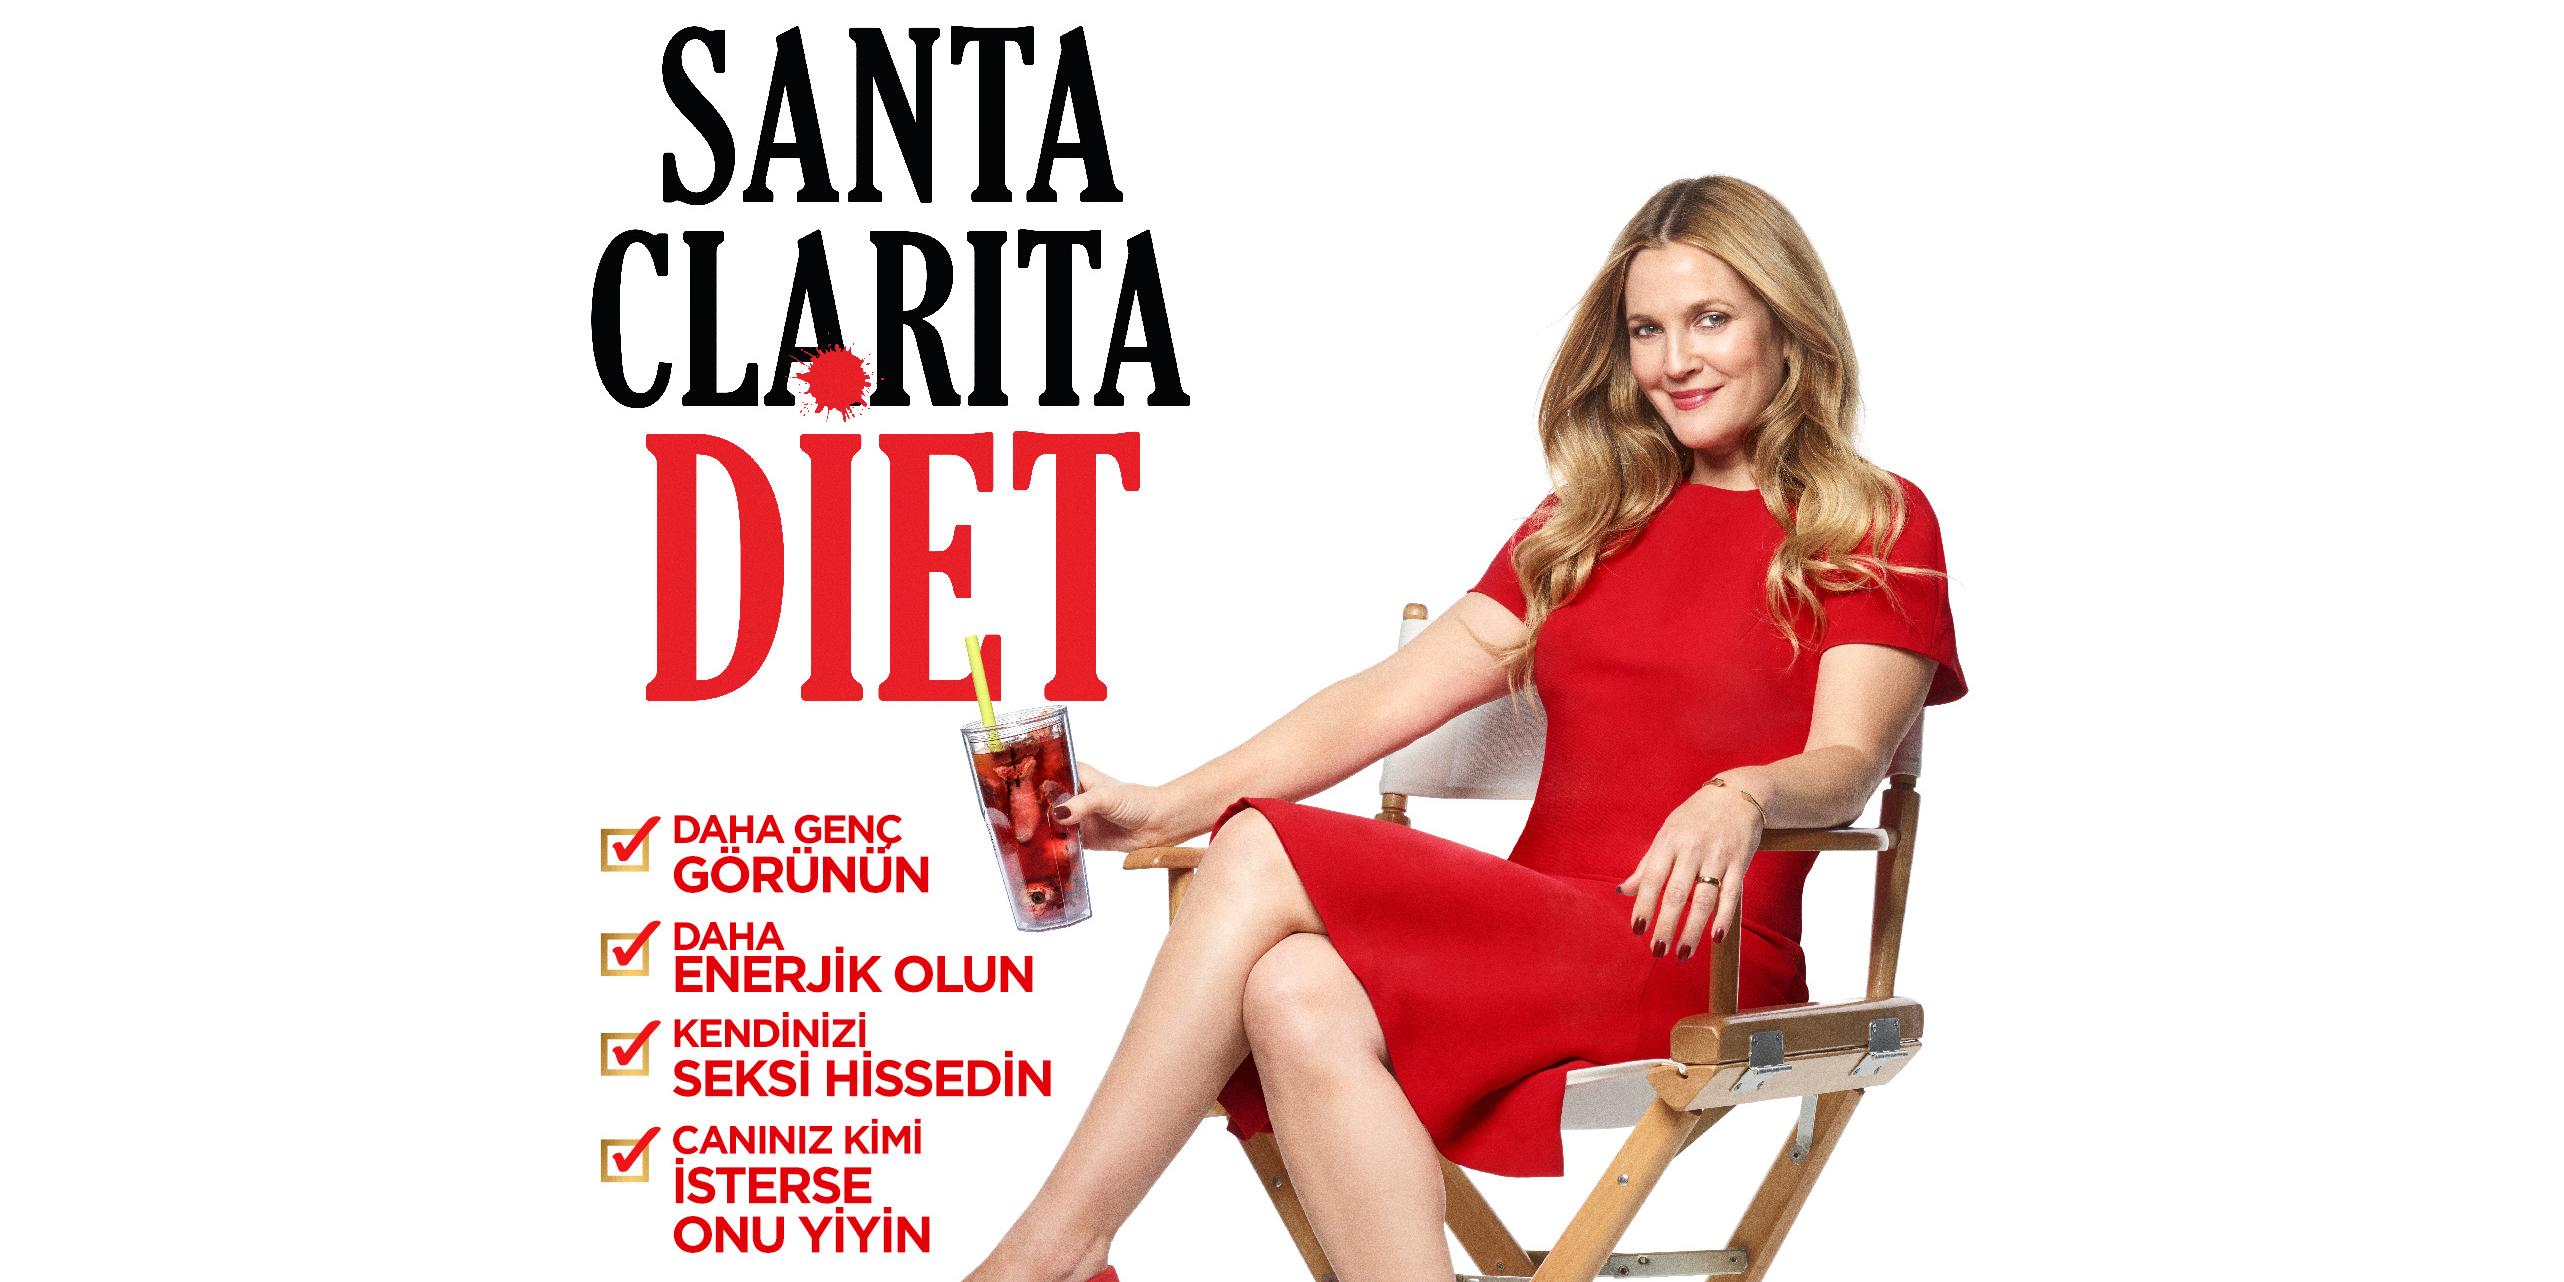 """Foto Galeri&Fragman: Drew Barrymore """"Santa Clarita Diet"""" ile Ekranlara Dönüyor"""